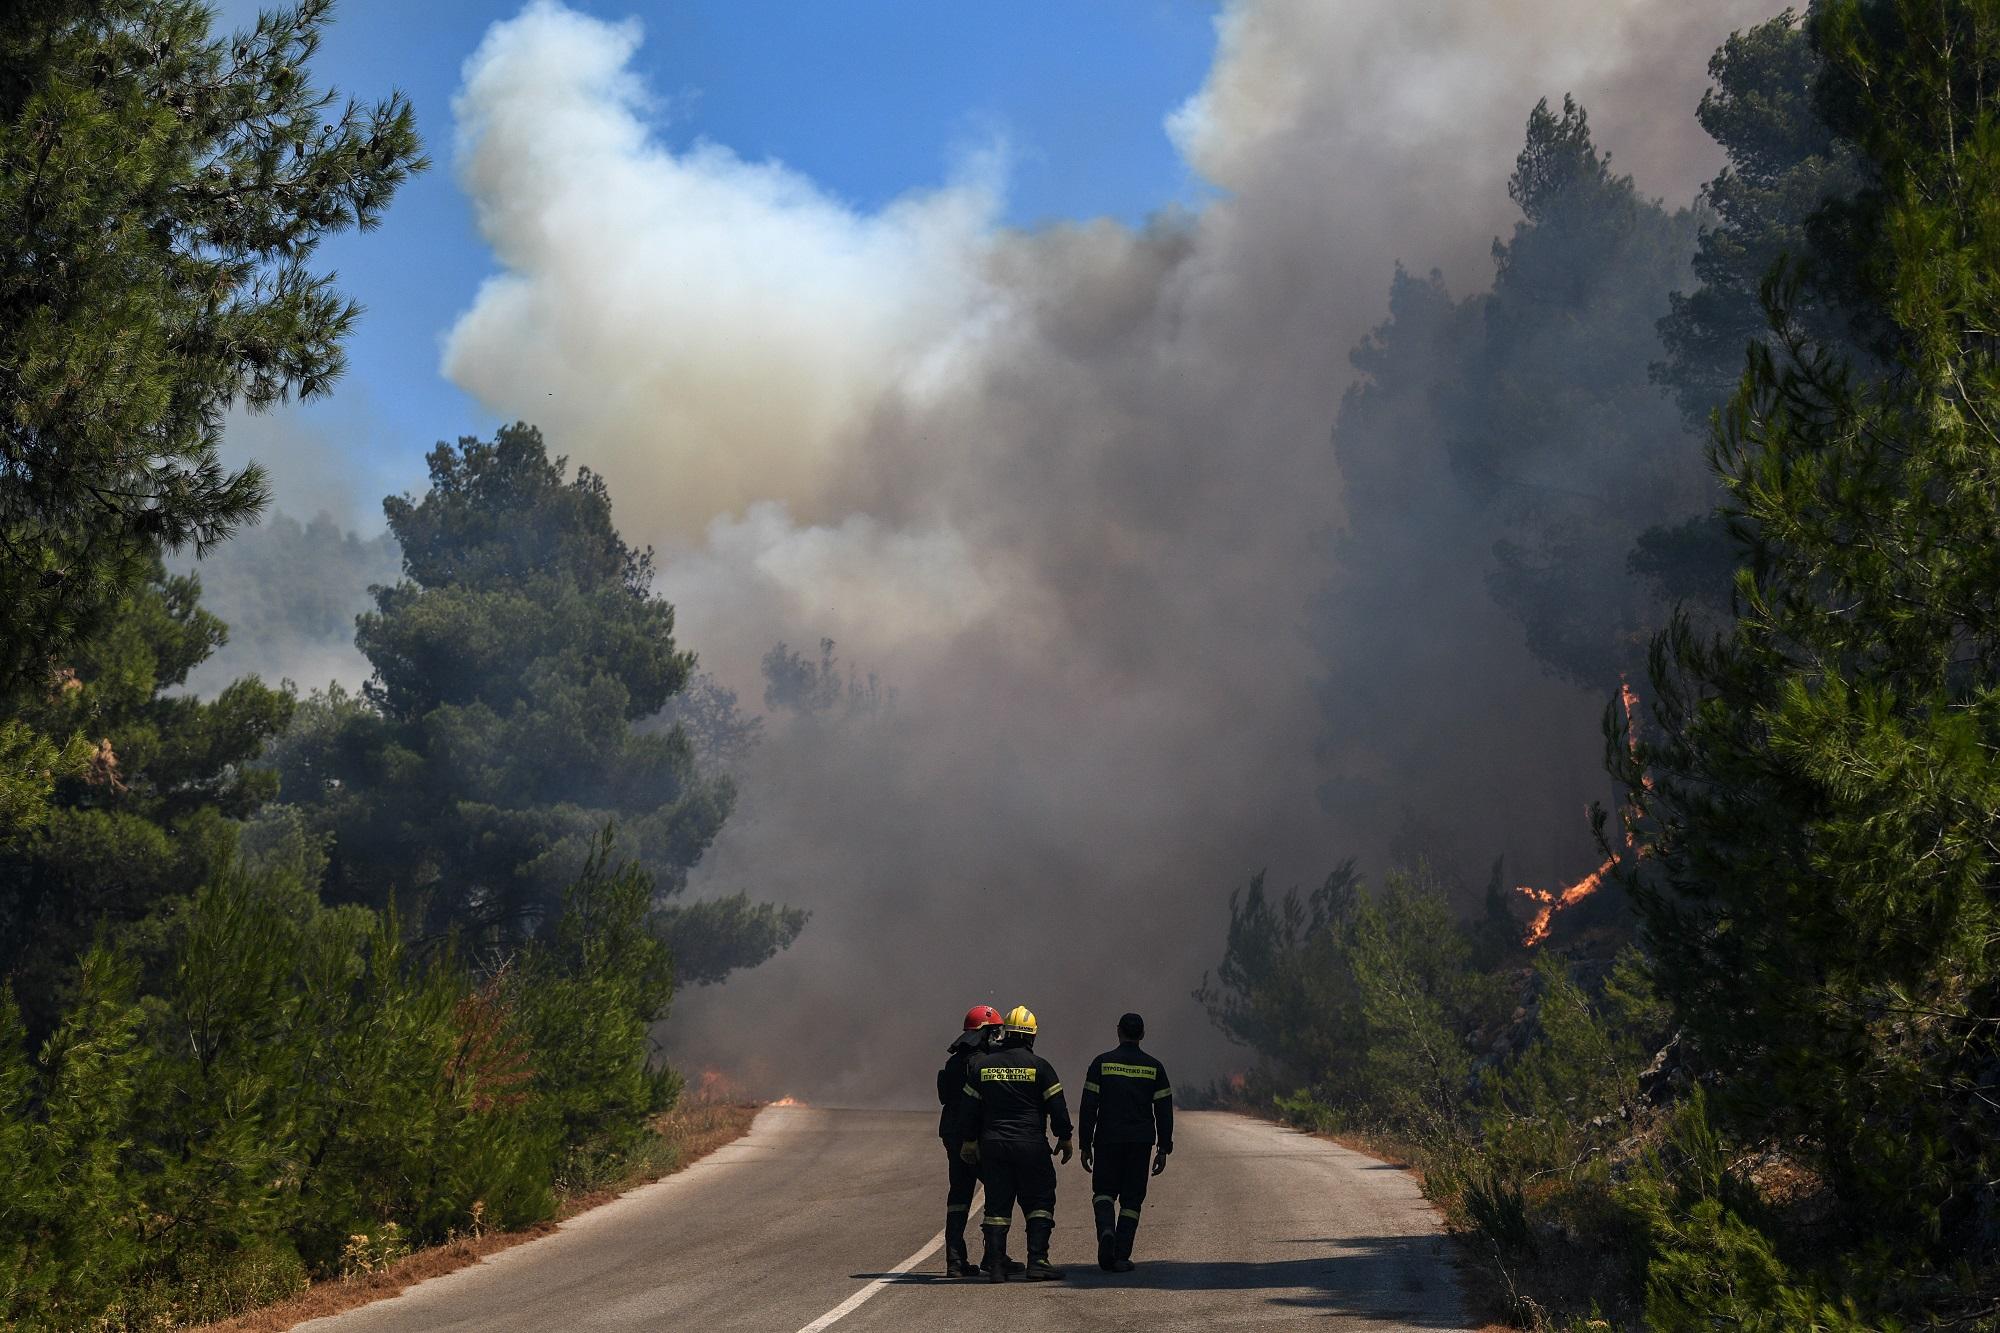 Προσοχή στην Εύβοια αύριο Παρασκευή 4/9-Πολύ υψηλός ο κίνδυνος πυρκαγιάς, Προσοχή στην  Εύβοια αύριο Παρασκευή 4/9-Πολύ υψηλός ο κίνδυνος πυρκαγιάς, Eviathema.gr | ΕΥΒΟΙΑ ΝΕΑ - Νέα και ειδήσεις από όλη την Εύβοια